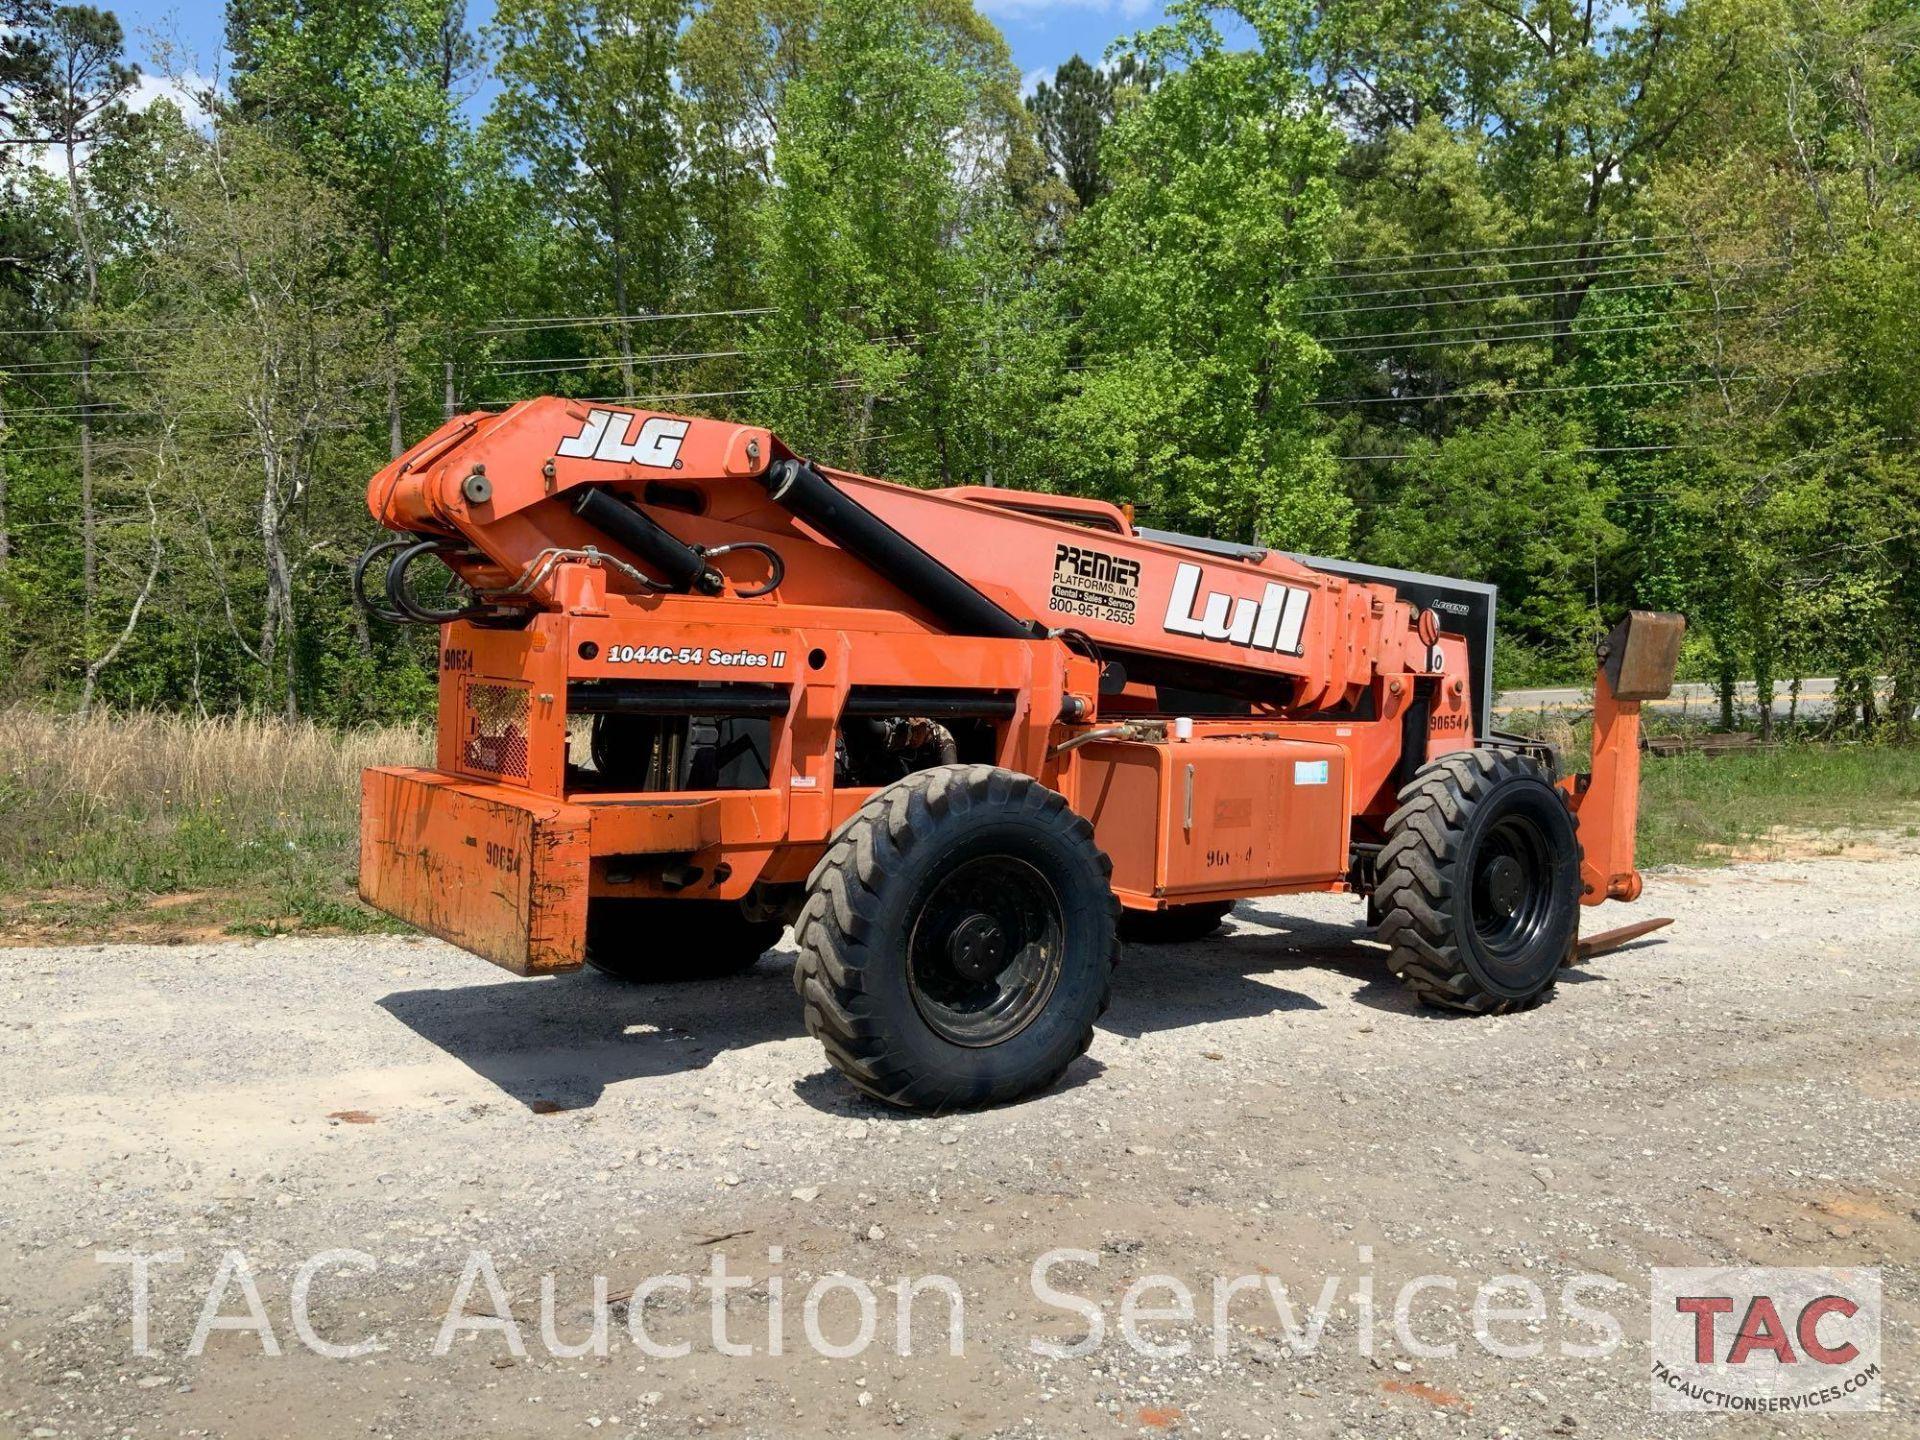 2007 JLG LULL Telehander Forklift - Image 10 of 25